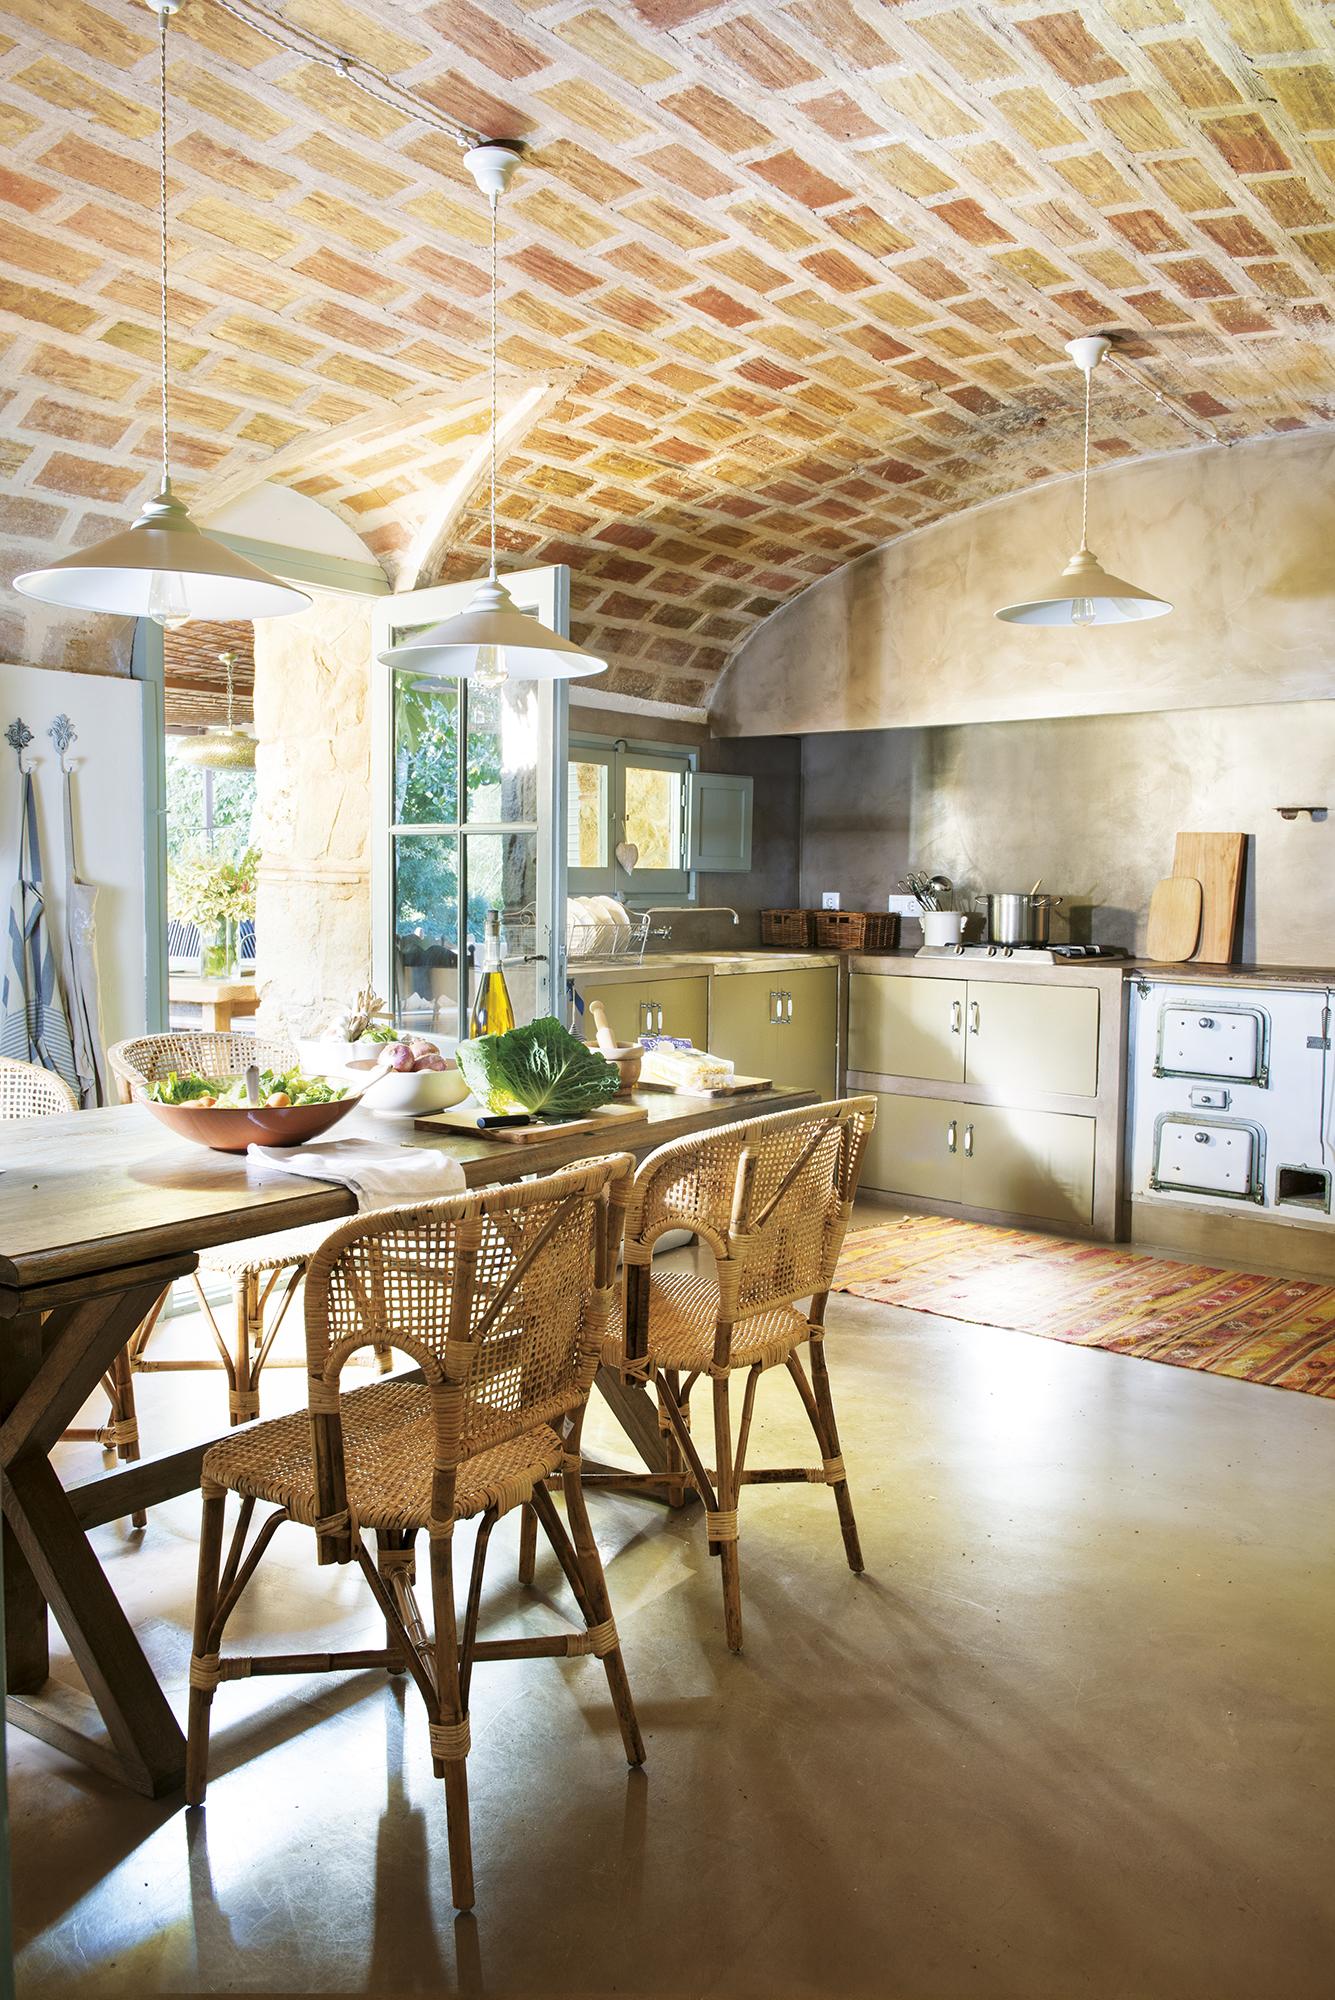 DSC7264. Cocina de cemento pulido de estilo rústico